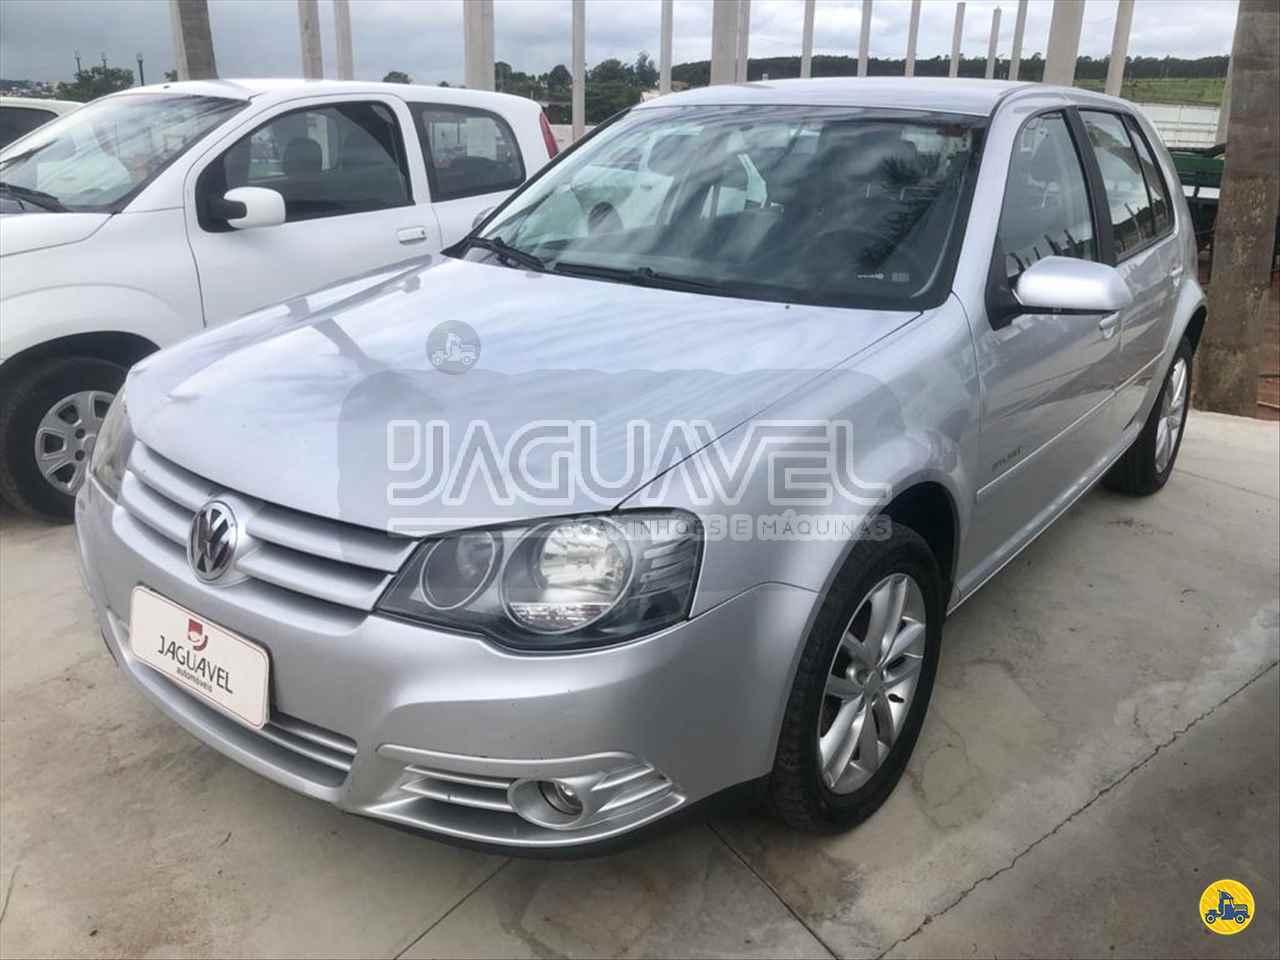 CARRO VW - Volkswagen Golf 1.6 Sportline Jaguavel Caminhões JAGUARIAIVA PARANÁ PR